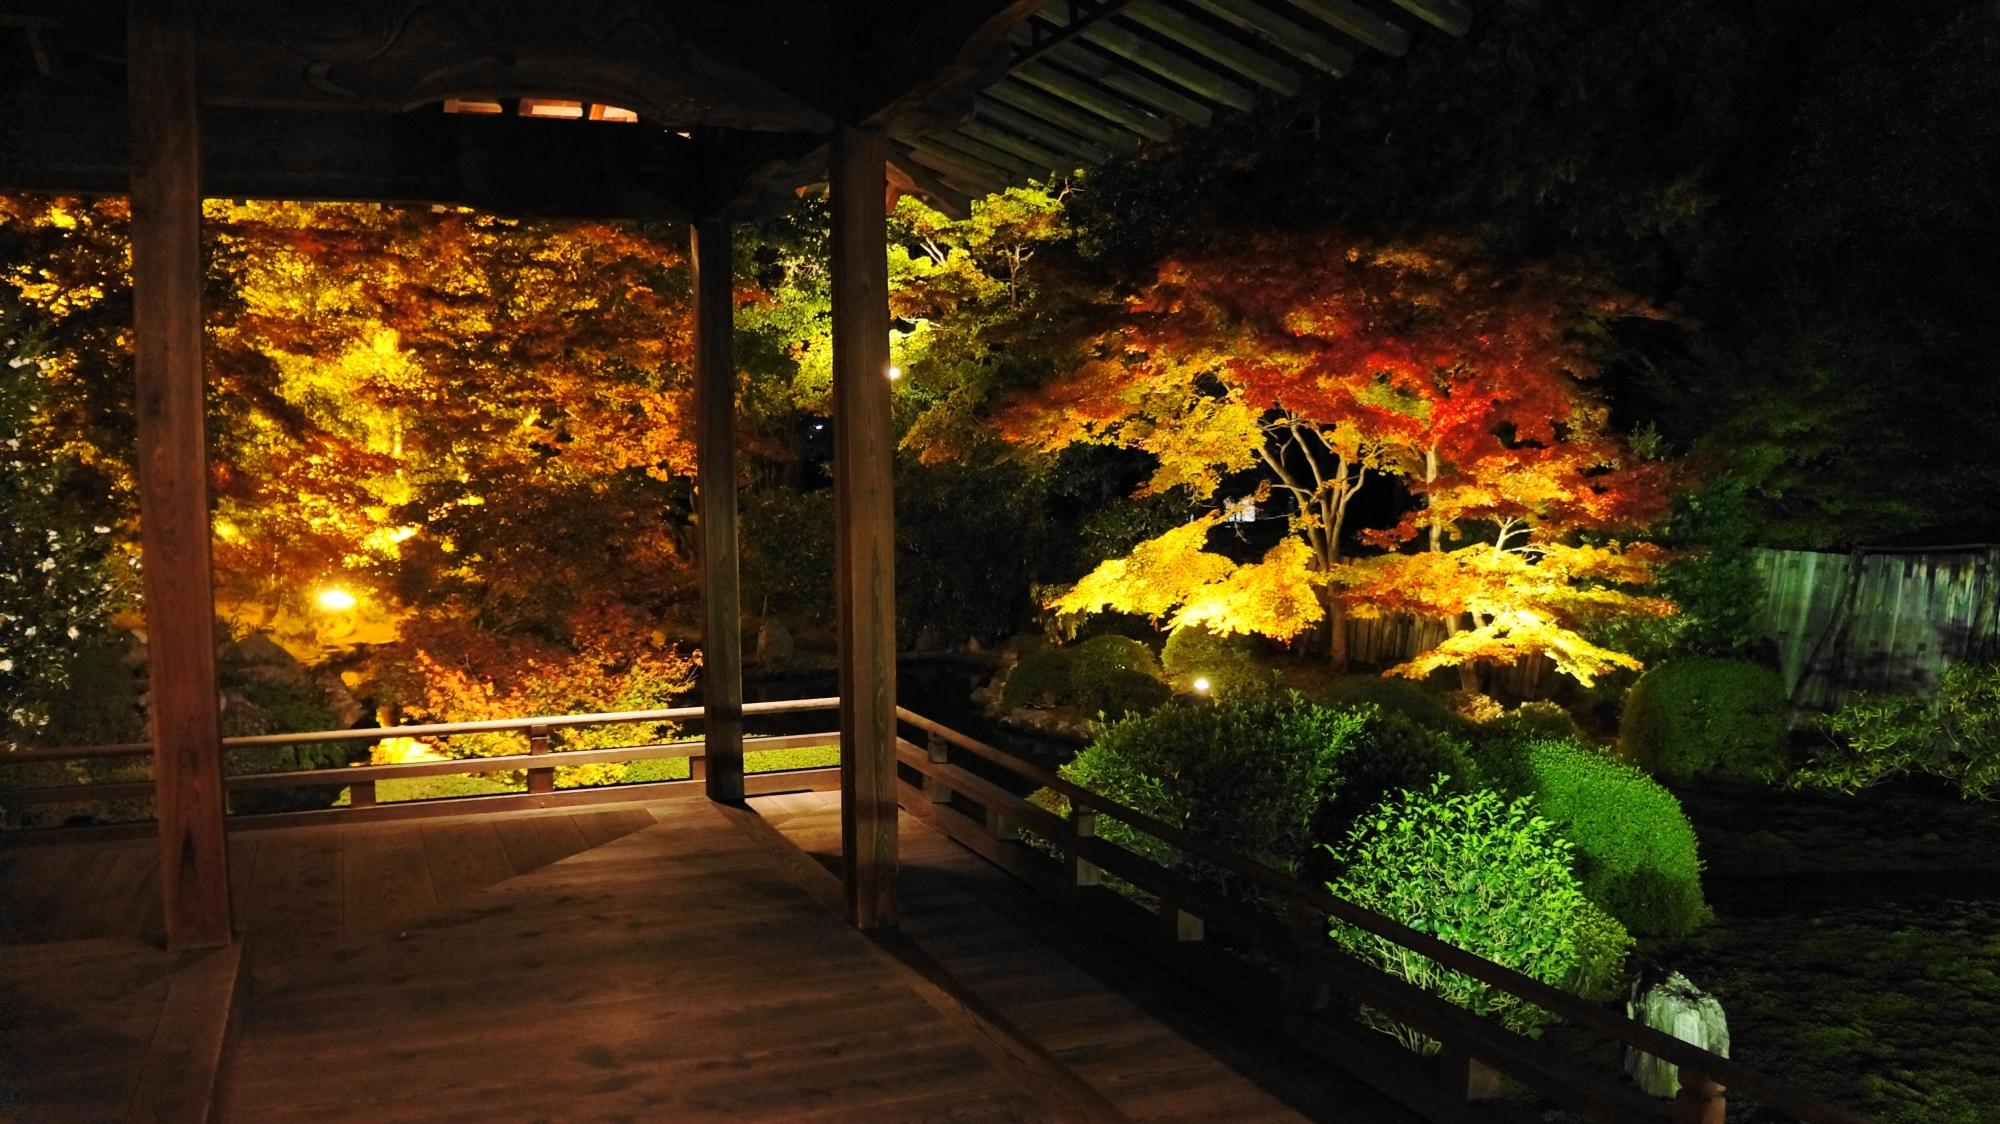 本堂から眺めた夜を染める多彩な秋色